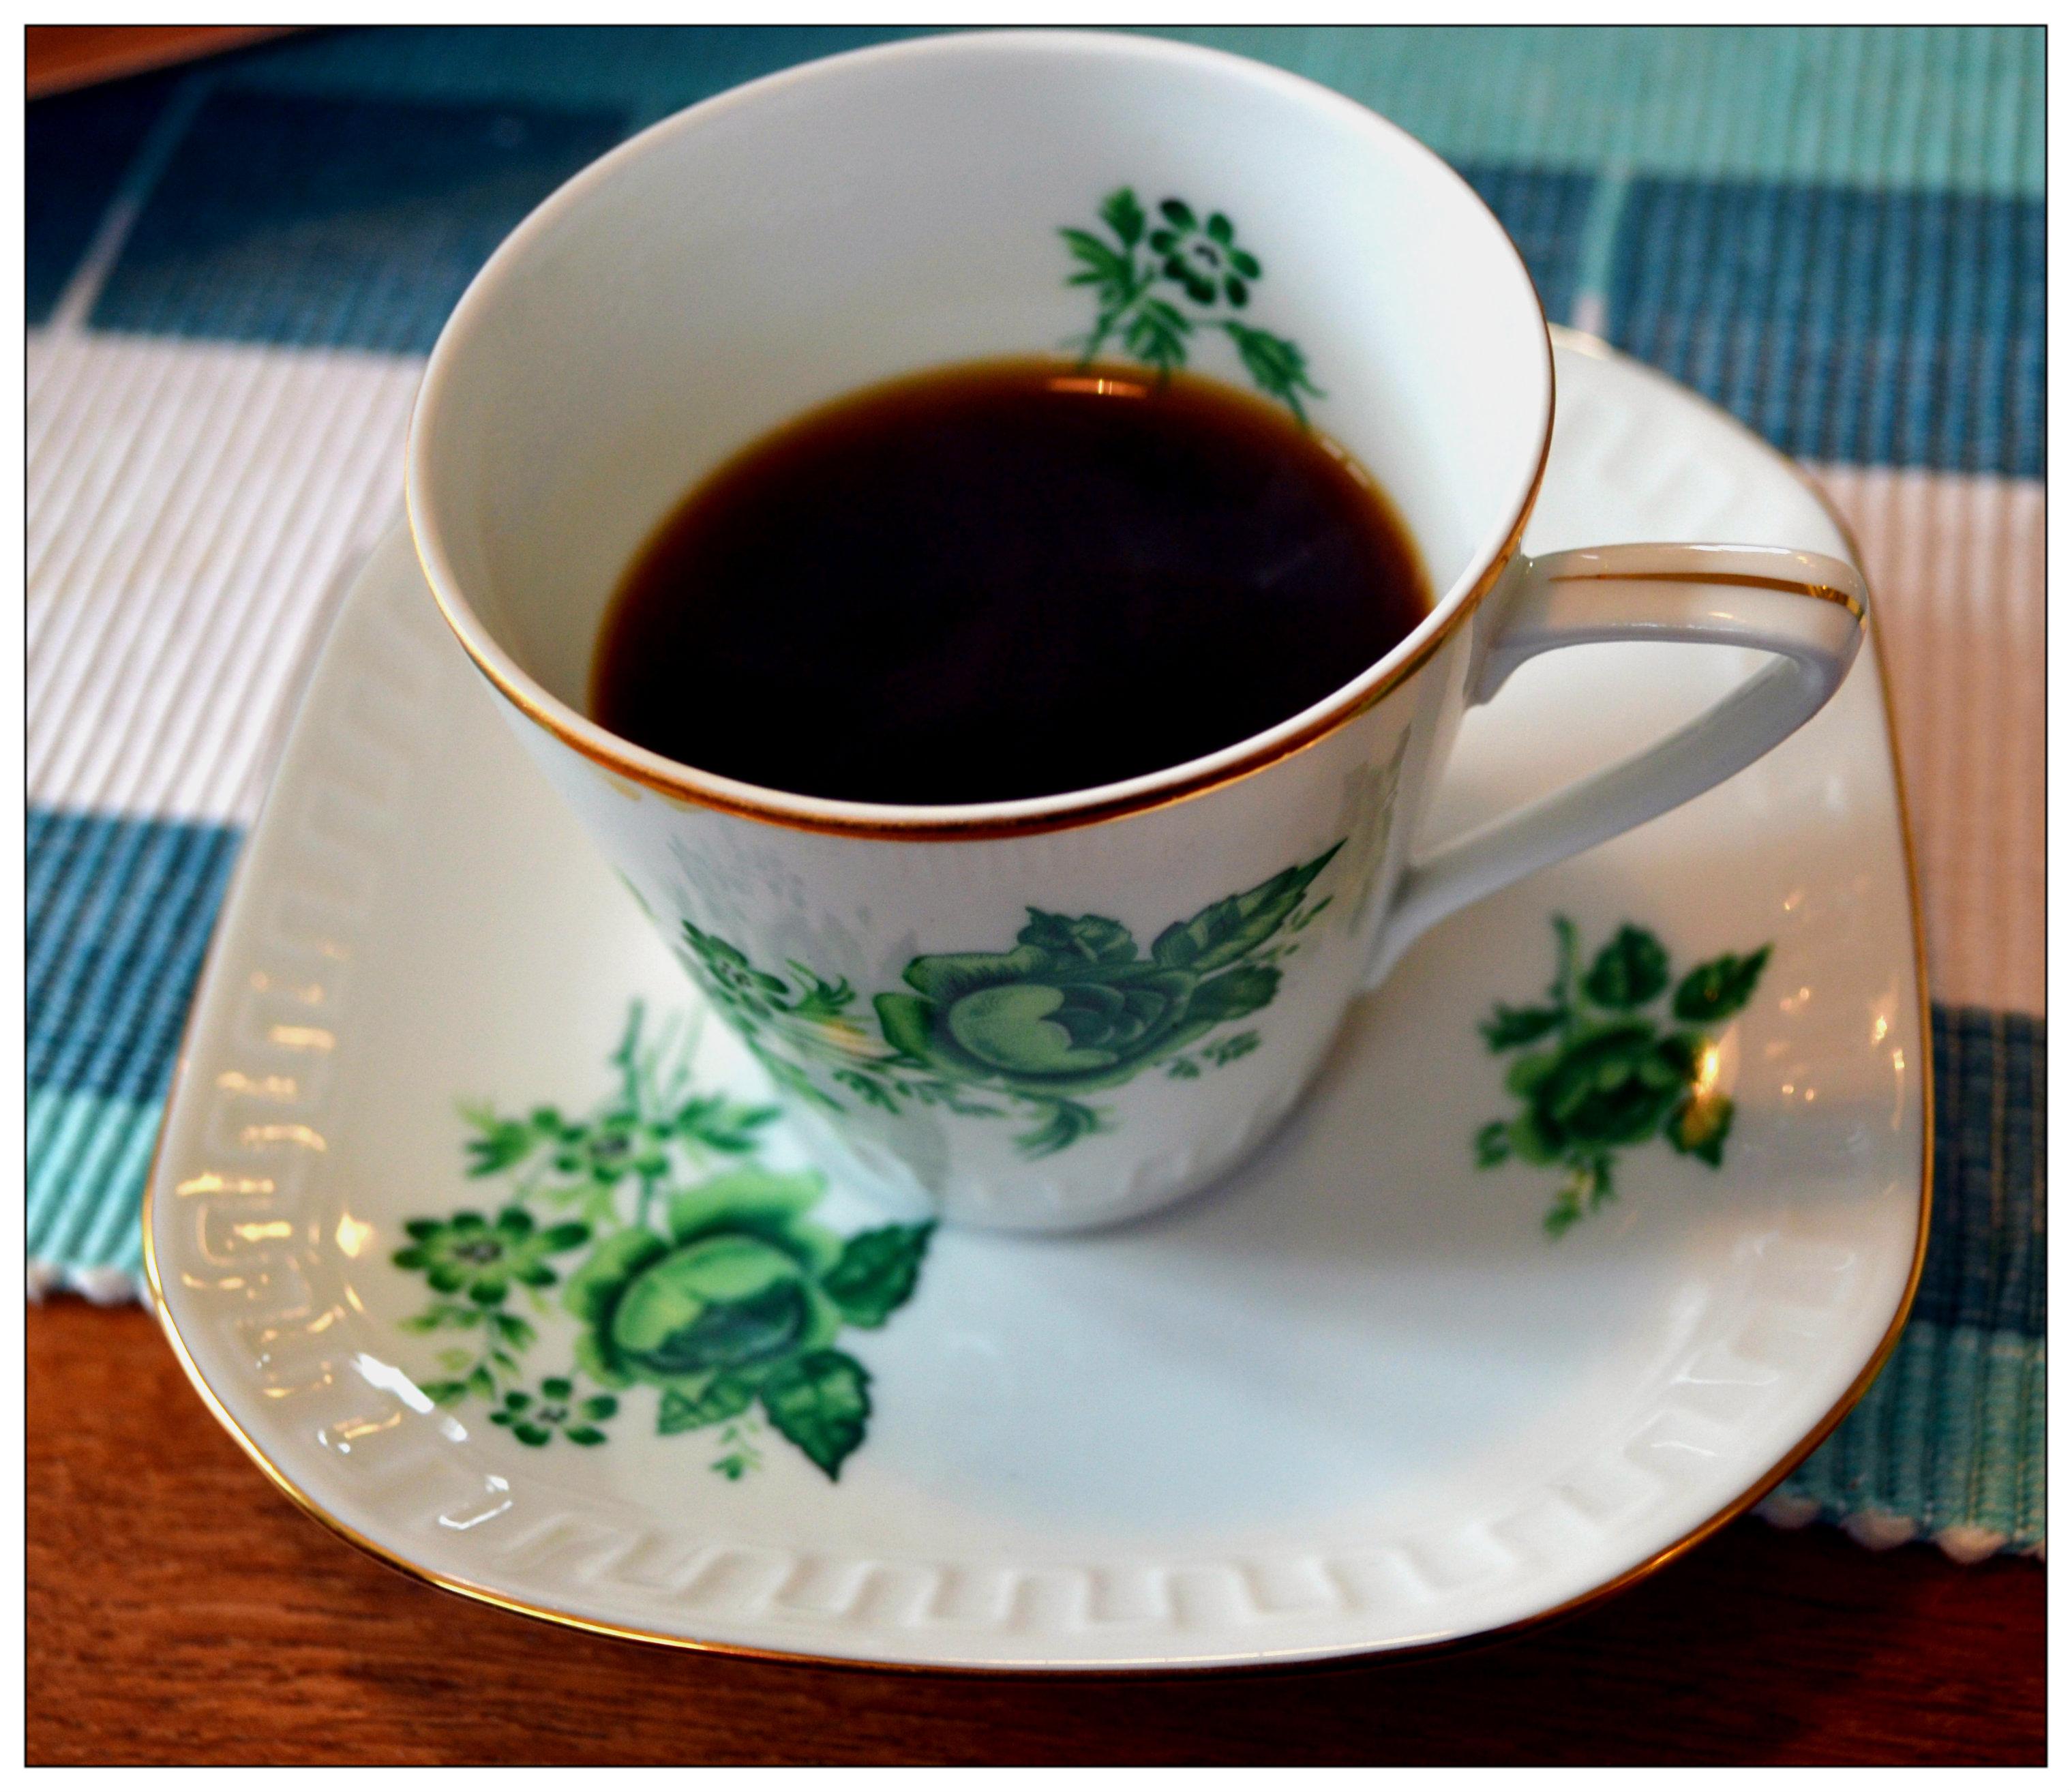 hur mycket kaffe per kopp